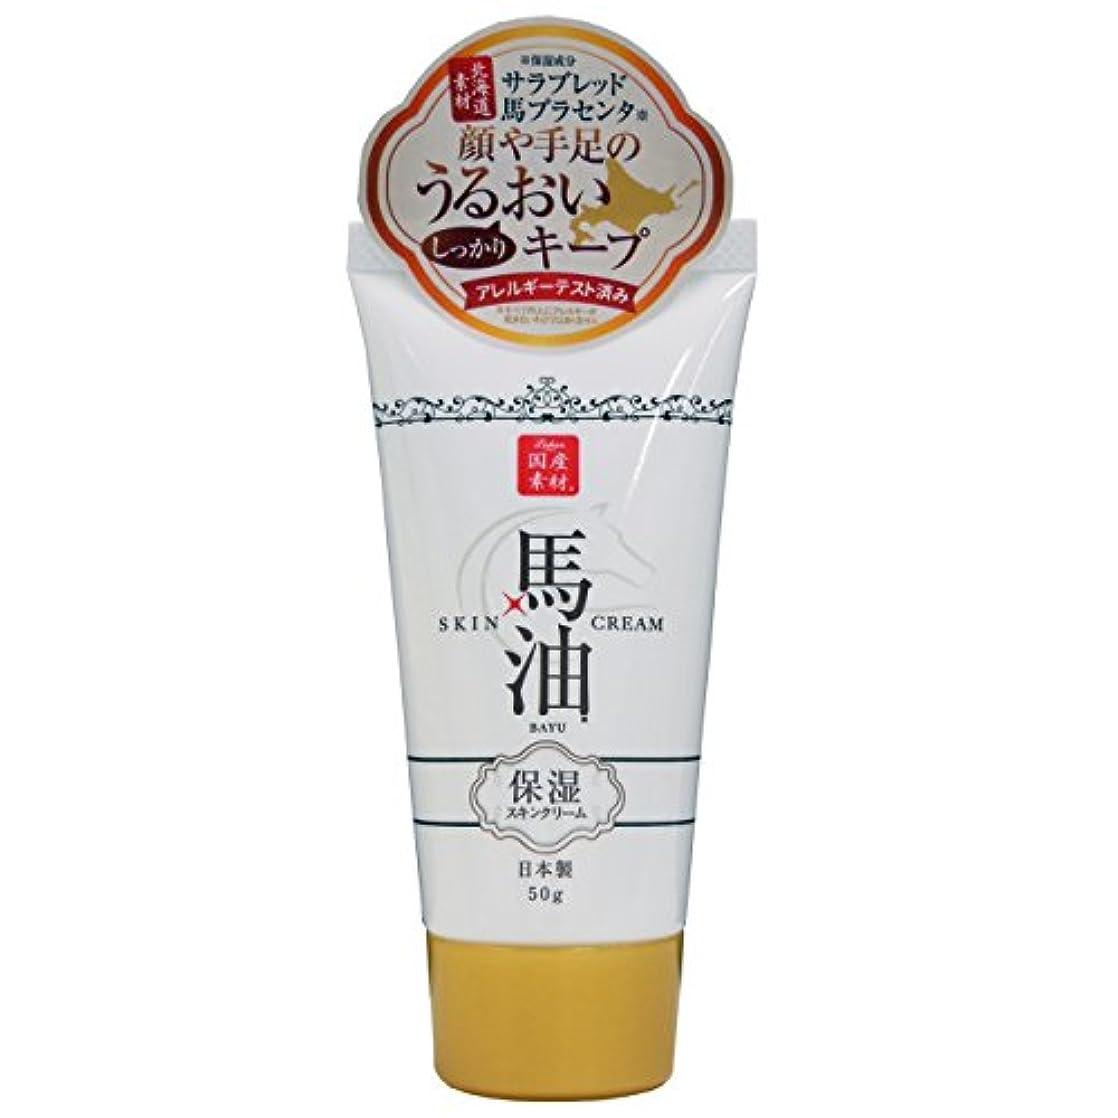 イヤホンアイデアびっくりするリシャン 馬油スキンクリーム ミニ (さくらの香り) 50g